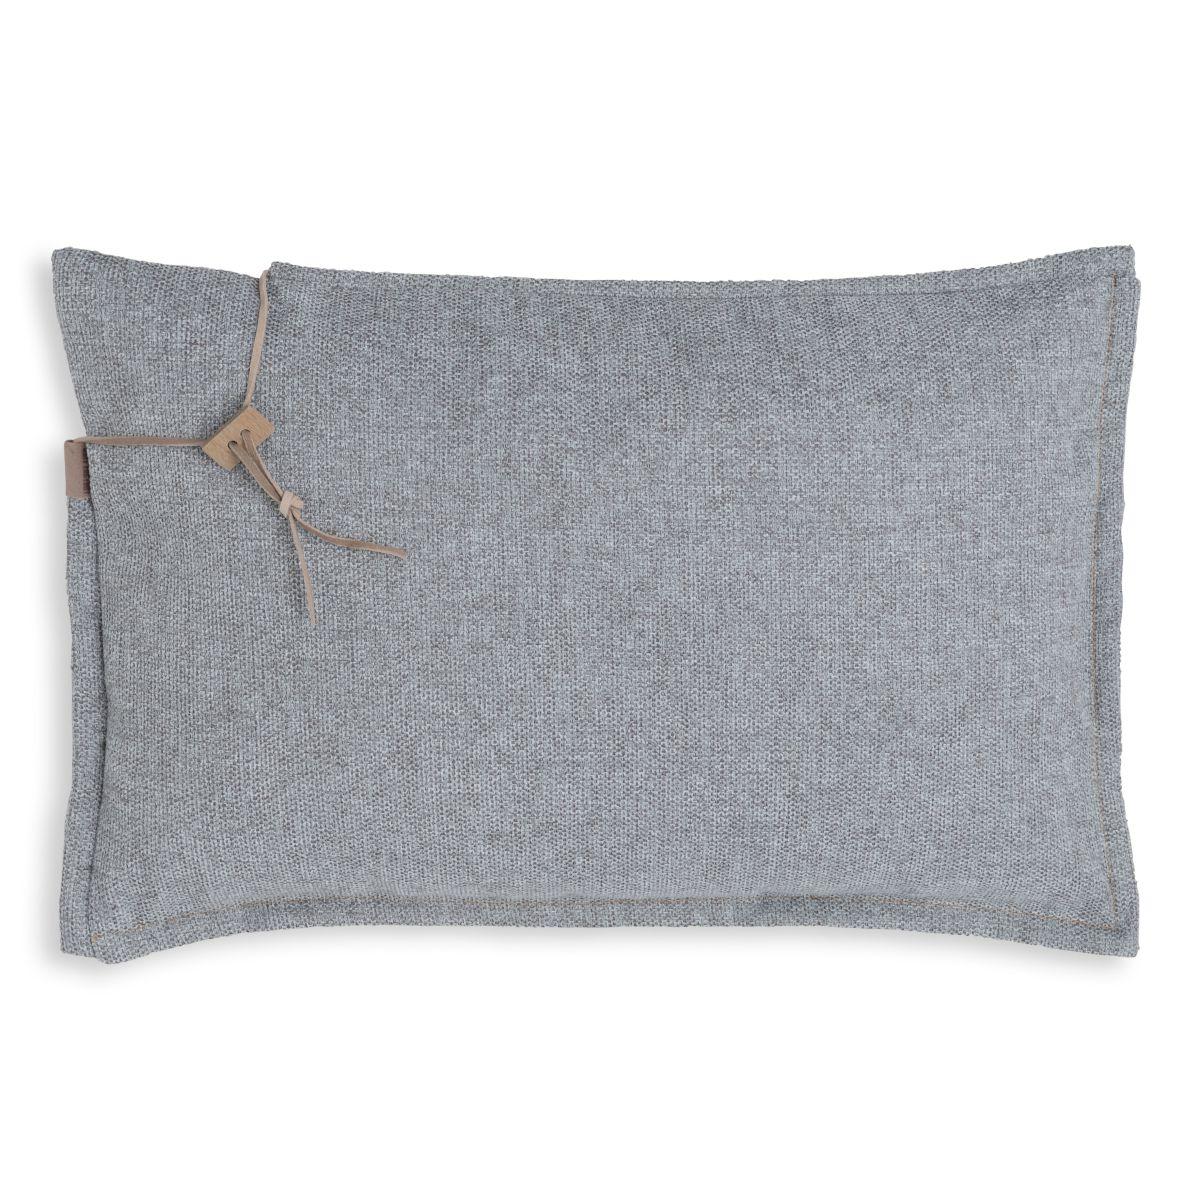 knit factory kf153013011 imre kussen licht grijs 60x40 1